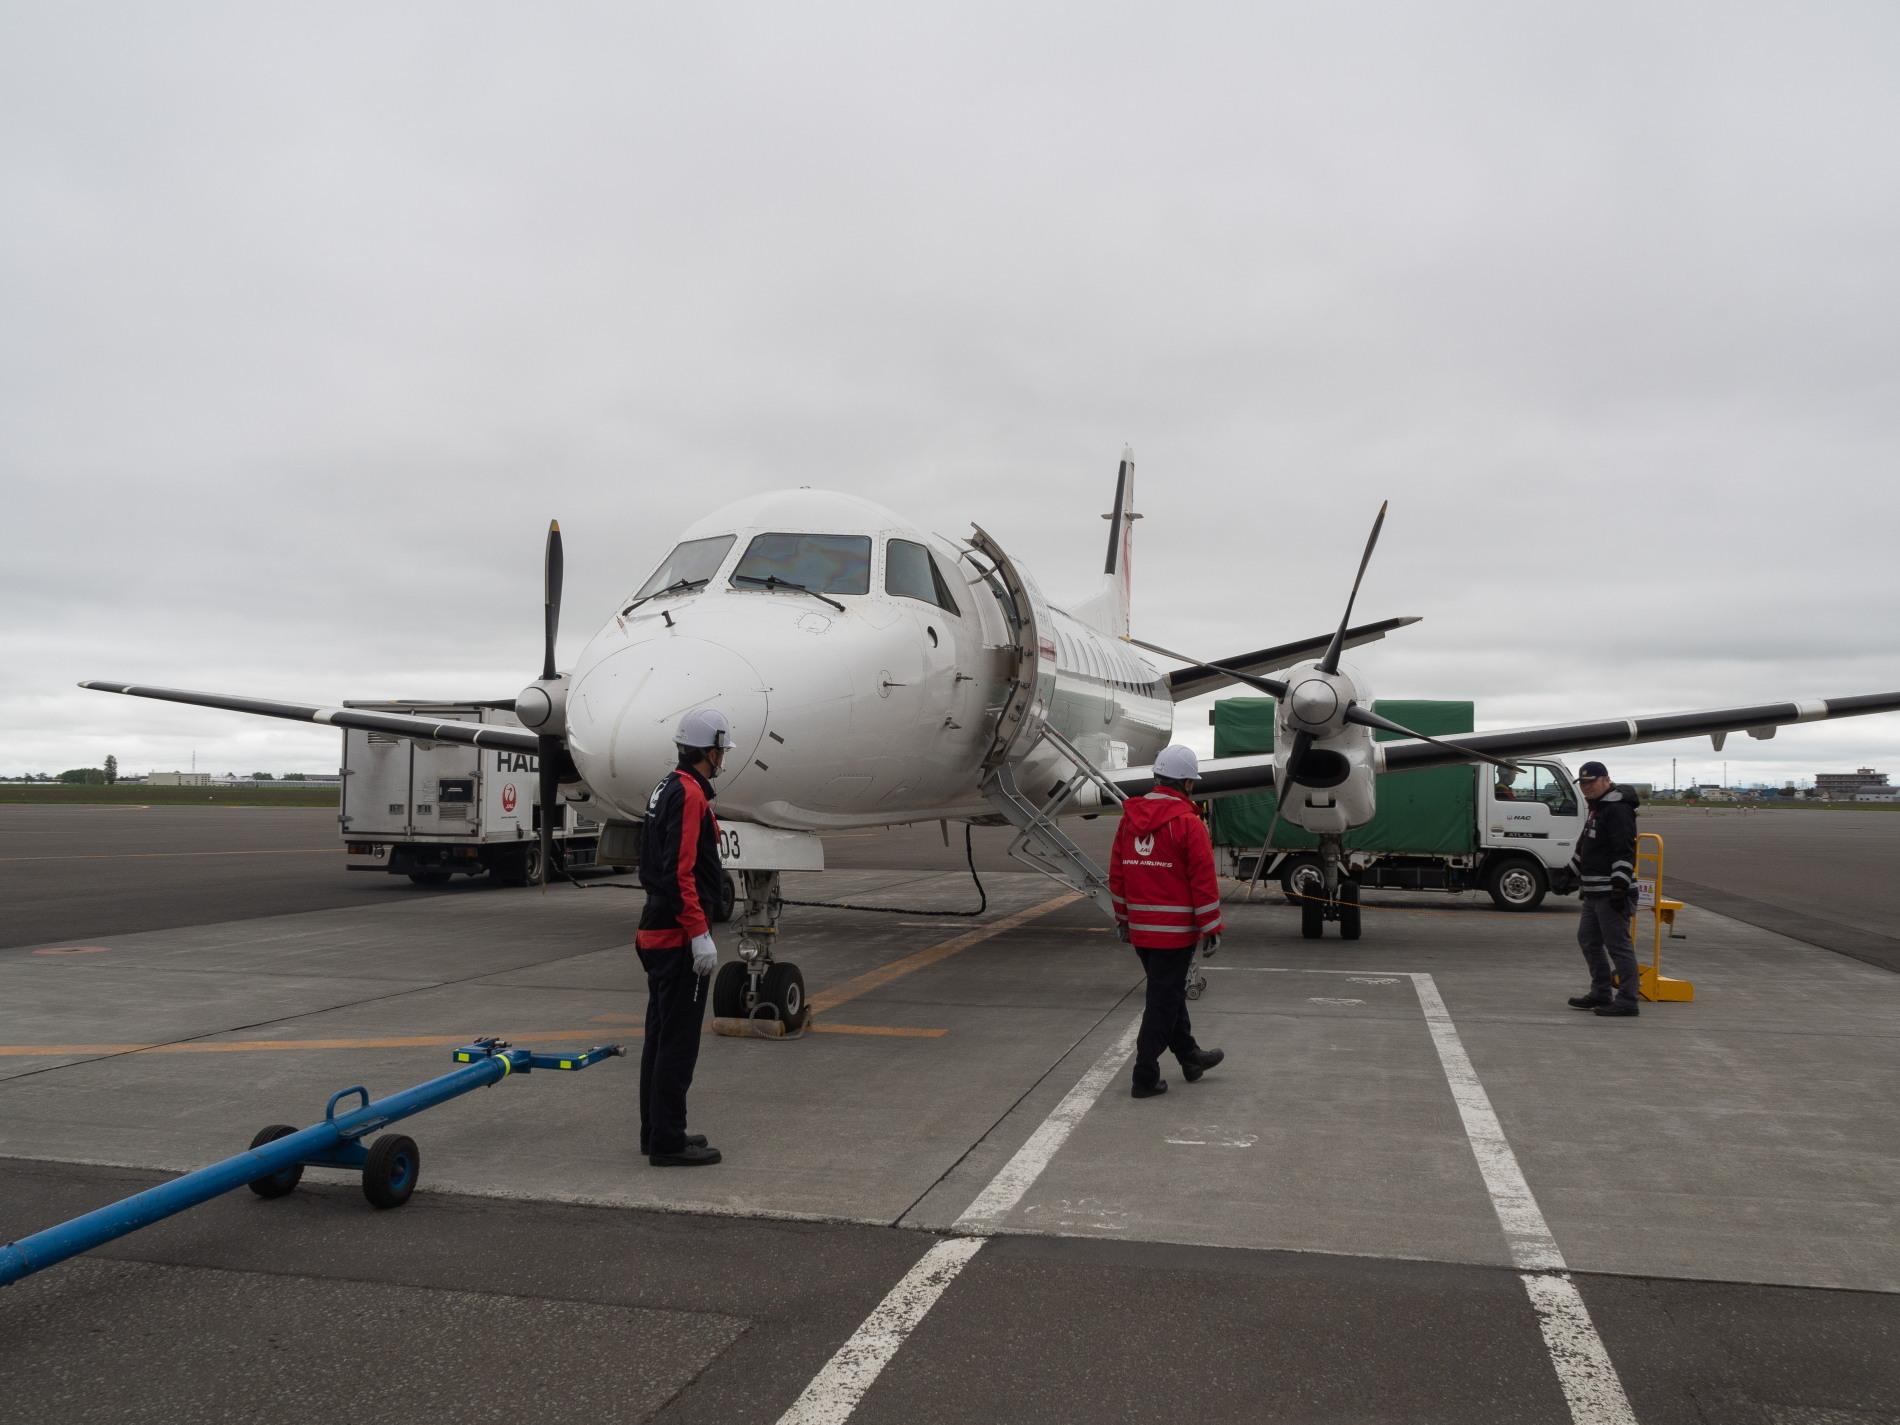 北海道エアシステムの新機材ATR42に乗って・・函館へ(1)_f0276498_13093300.jpg